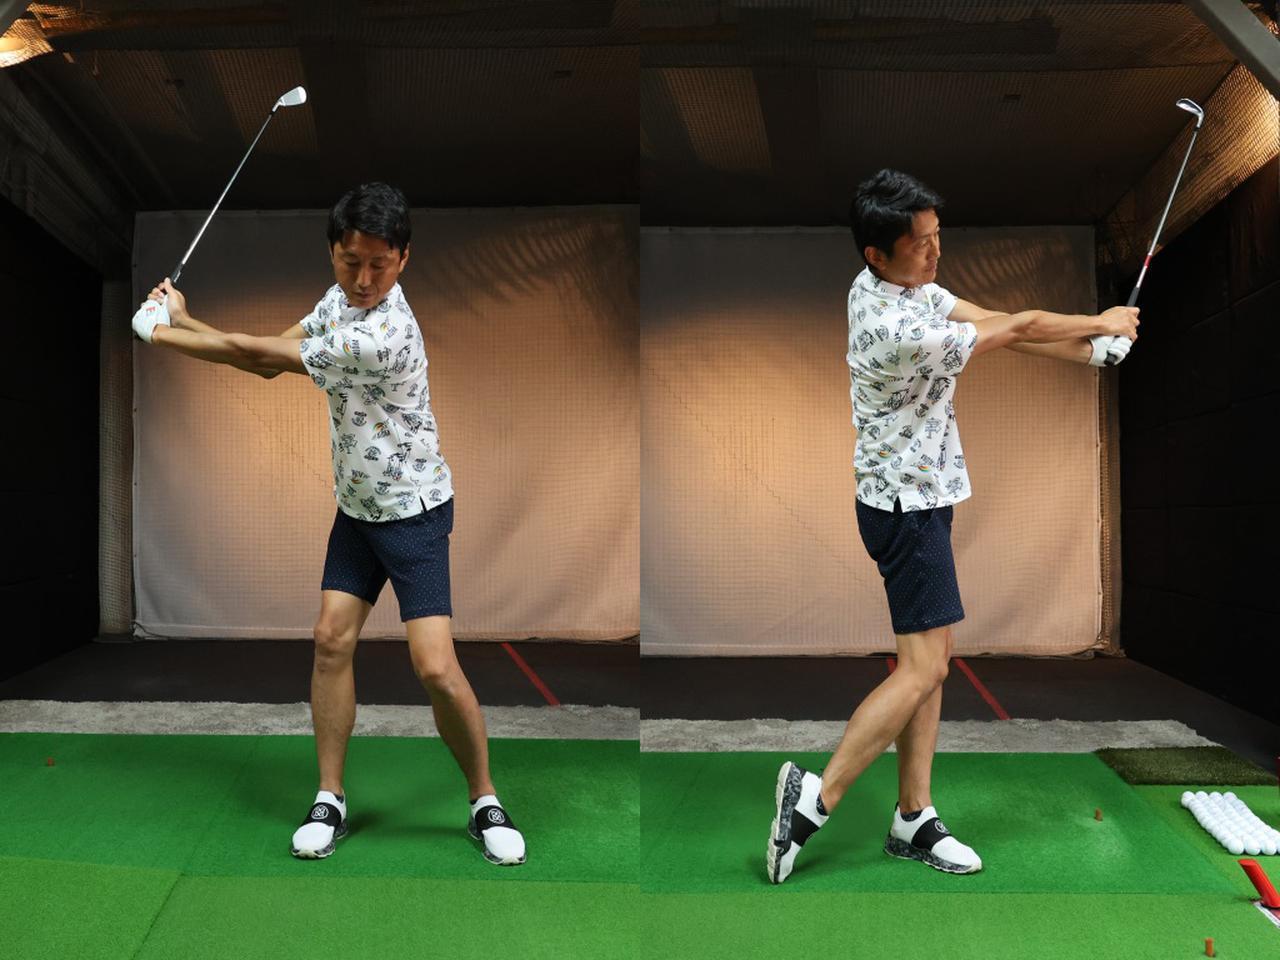 画像: コントロールショットになると、加減をしようと手打ちになりやすいが肩をしっかりと回して、腕を上げ過ぎないように振り幅に気をつけよう